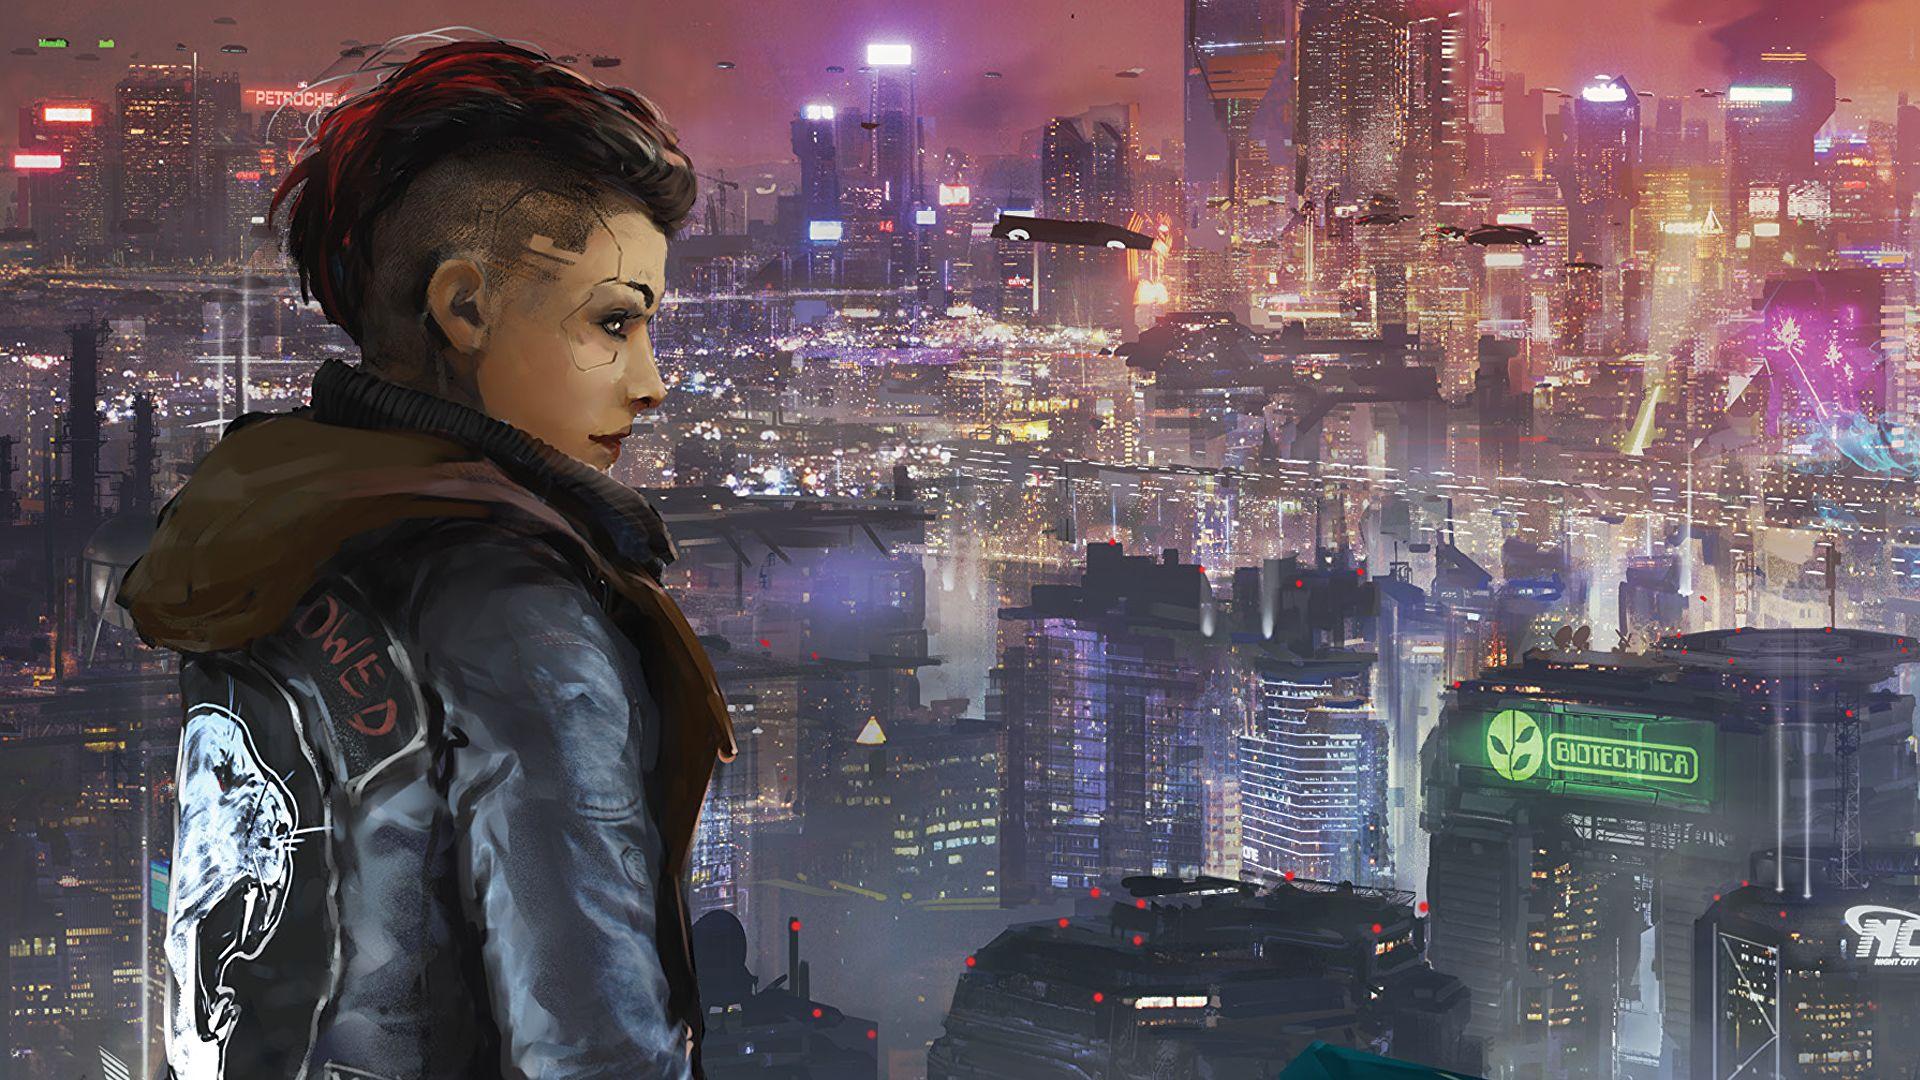 cyberpunk-red-rulebook-artwork.jpg